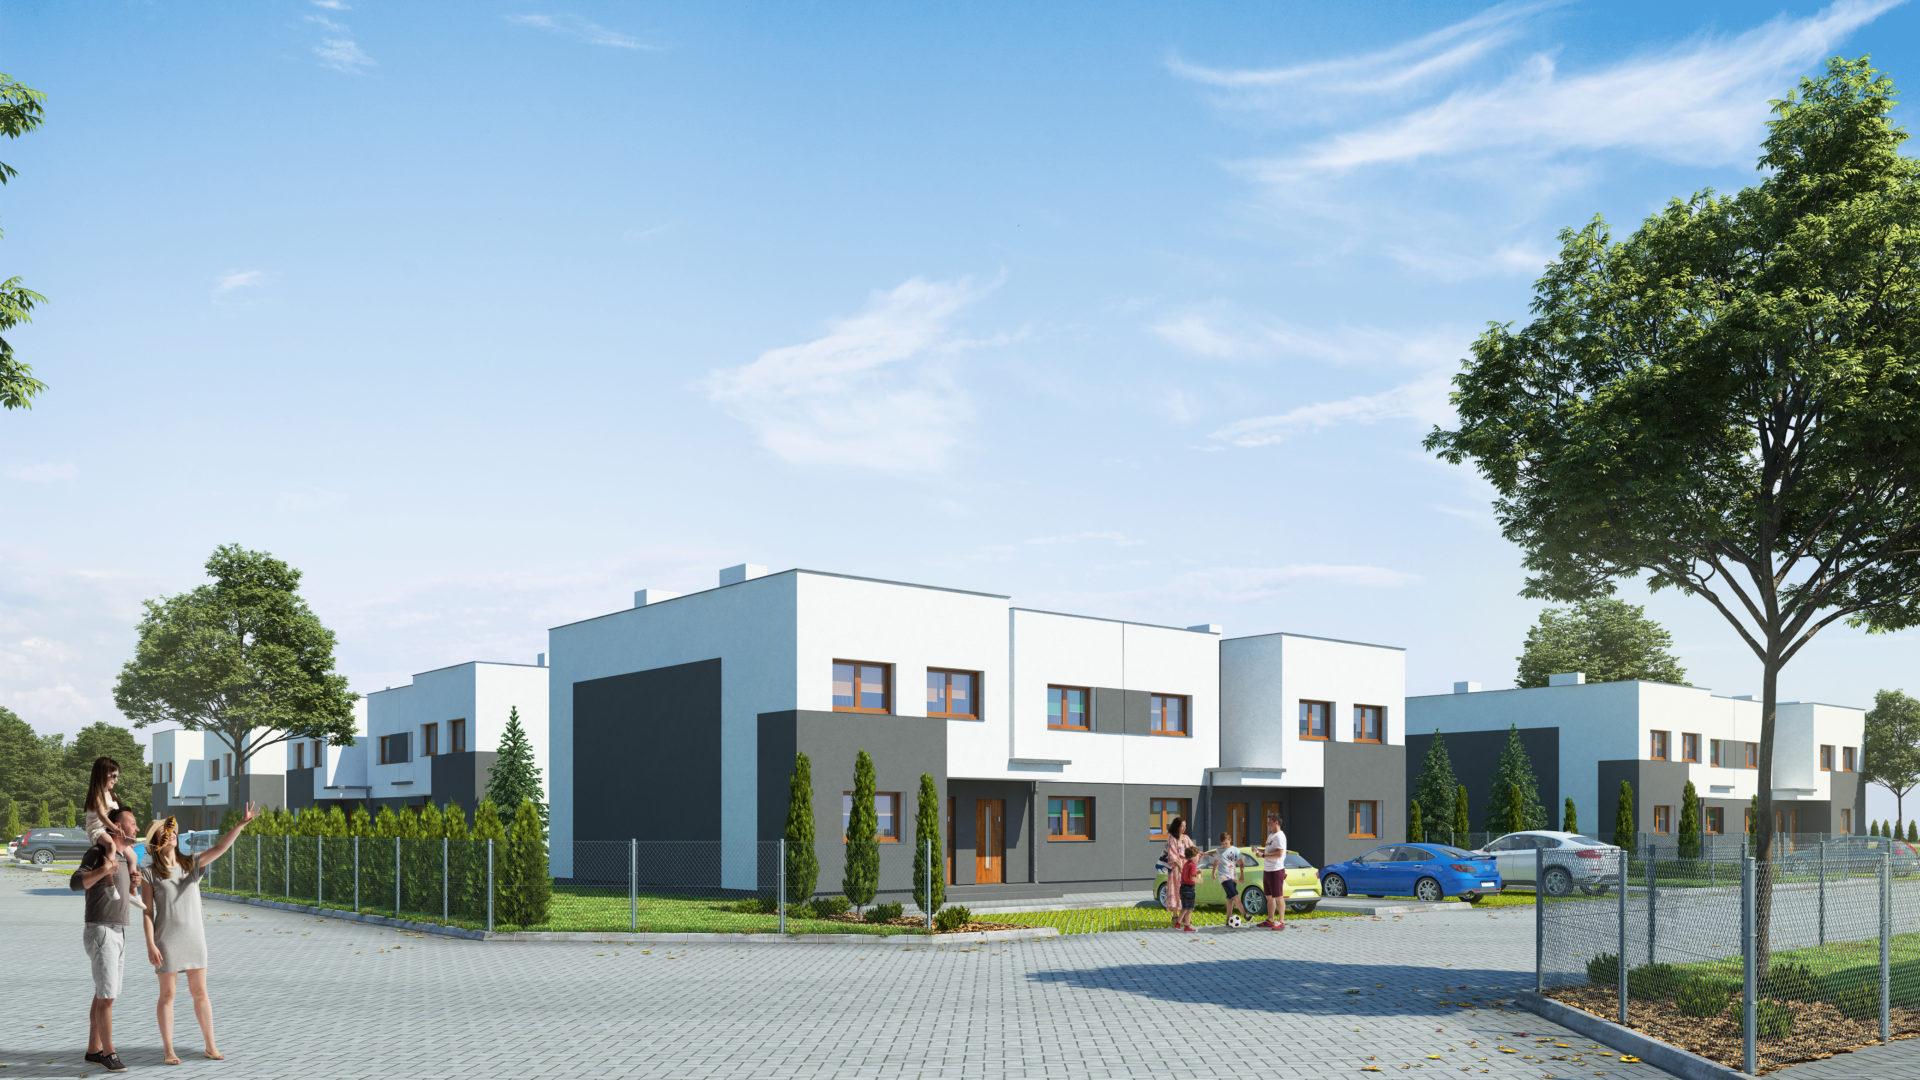 Nowe mieszkania Biedrusko osiedle